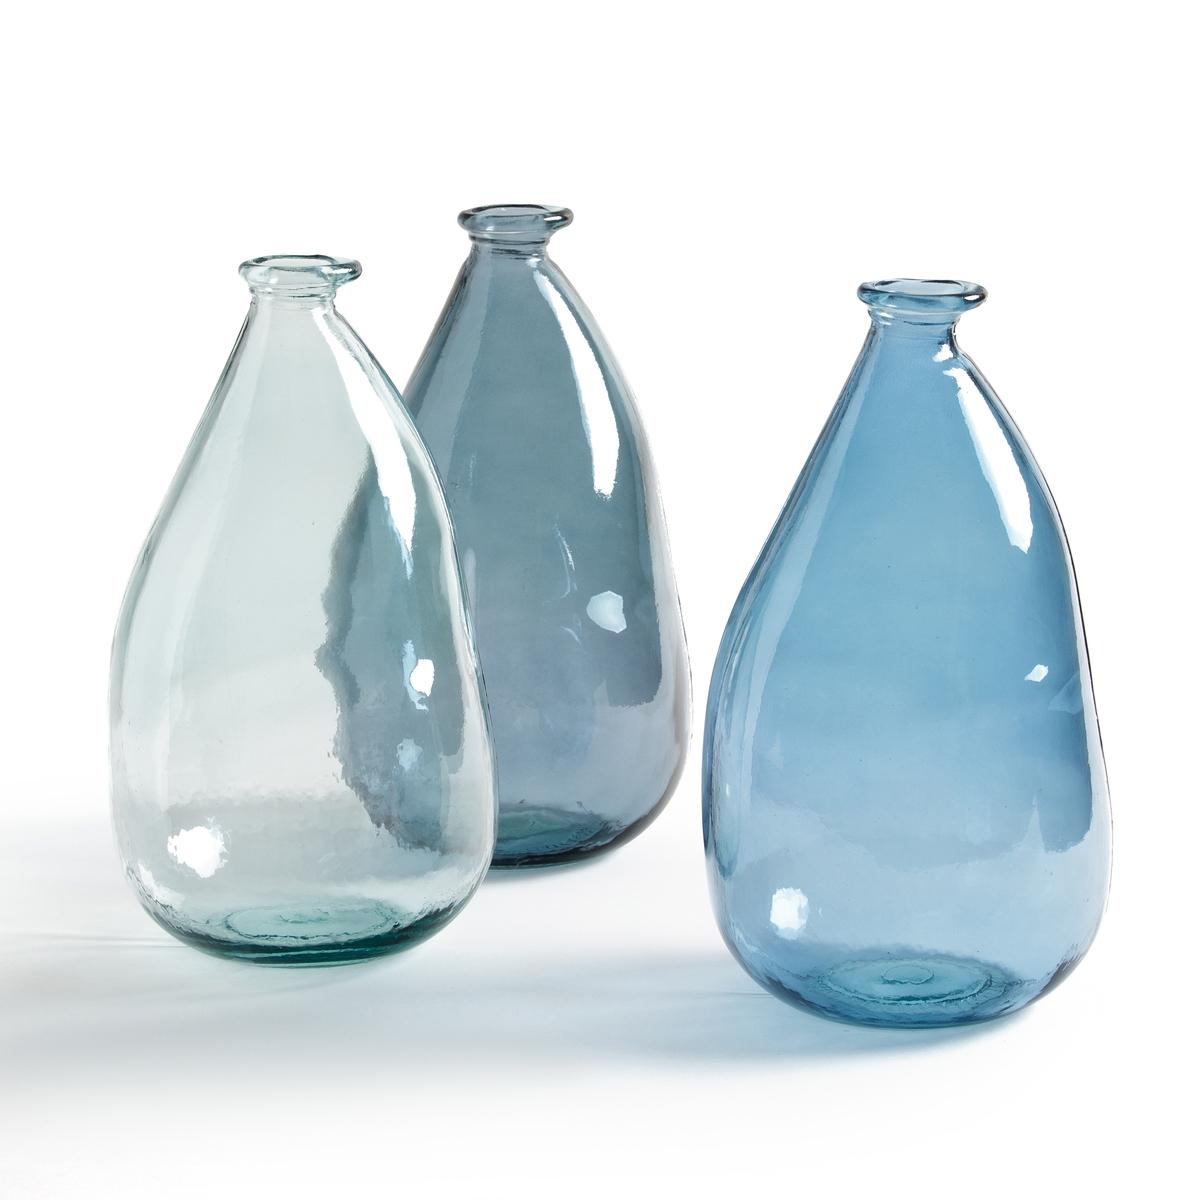 Ваза-бутыль IZOLIAНовая версия с чертами ручной работы .Внесет в ваш интерьер винтажную нотку .Характеристики вазы-бутыли Izolia :Из вторично переработанного стекла, видоизмененная форма .Размеры вазы-бутыли Izolia : - Высота : 36 см.- ? 20 см .Найдите нашу коллекцию IZOLIA а также предметы декора на нашем сайте.<br><br>Цвет: стеклянный крашеный,темно-синий<br>Размер: единый размер.единый размер